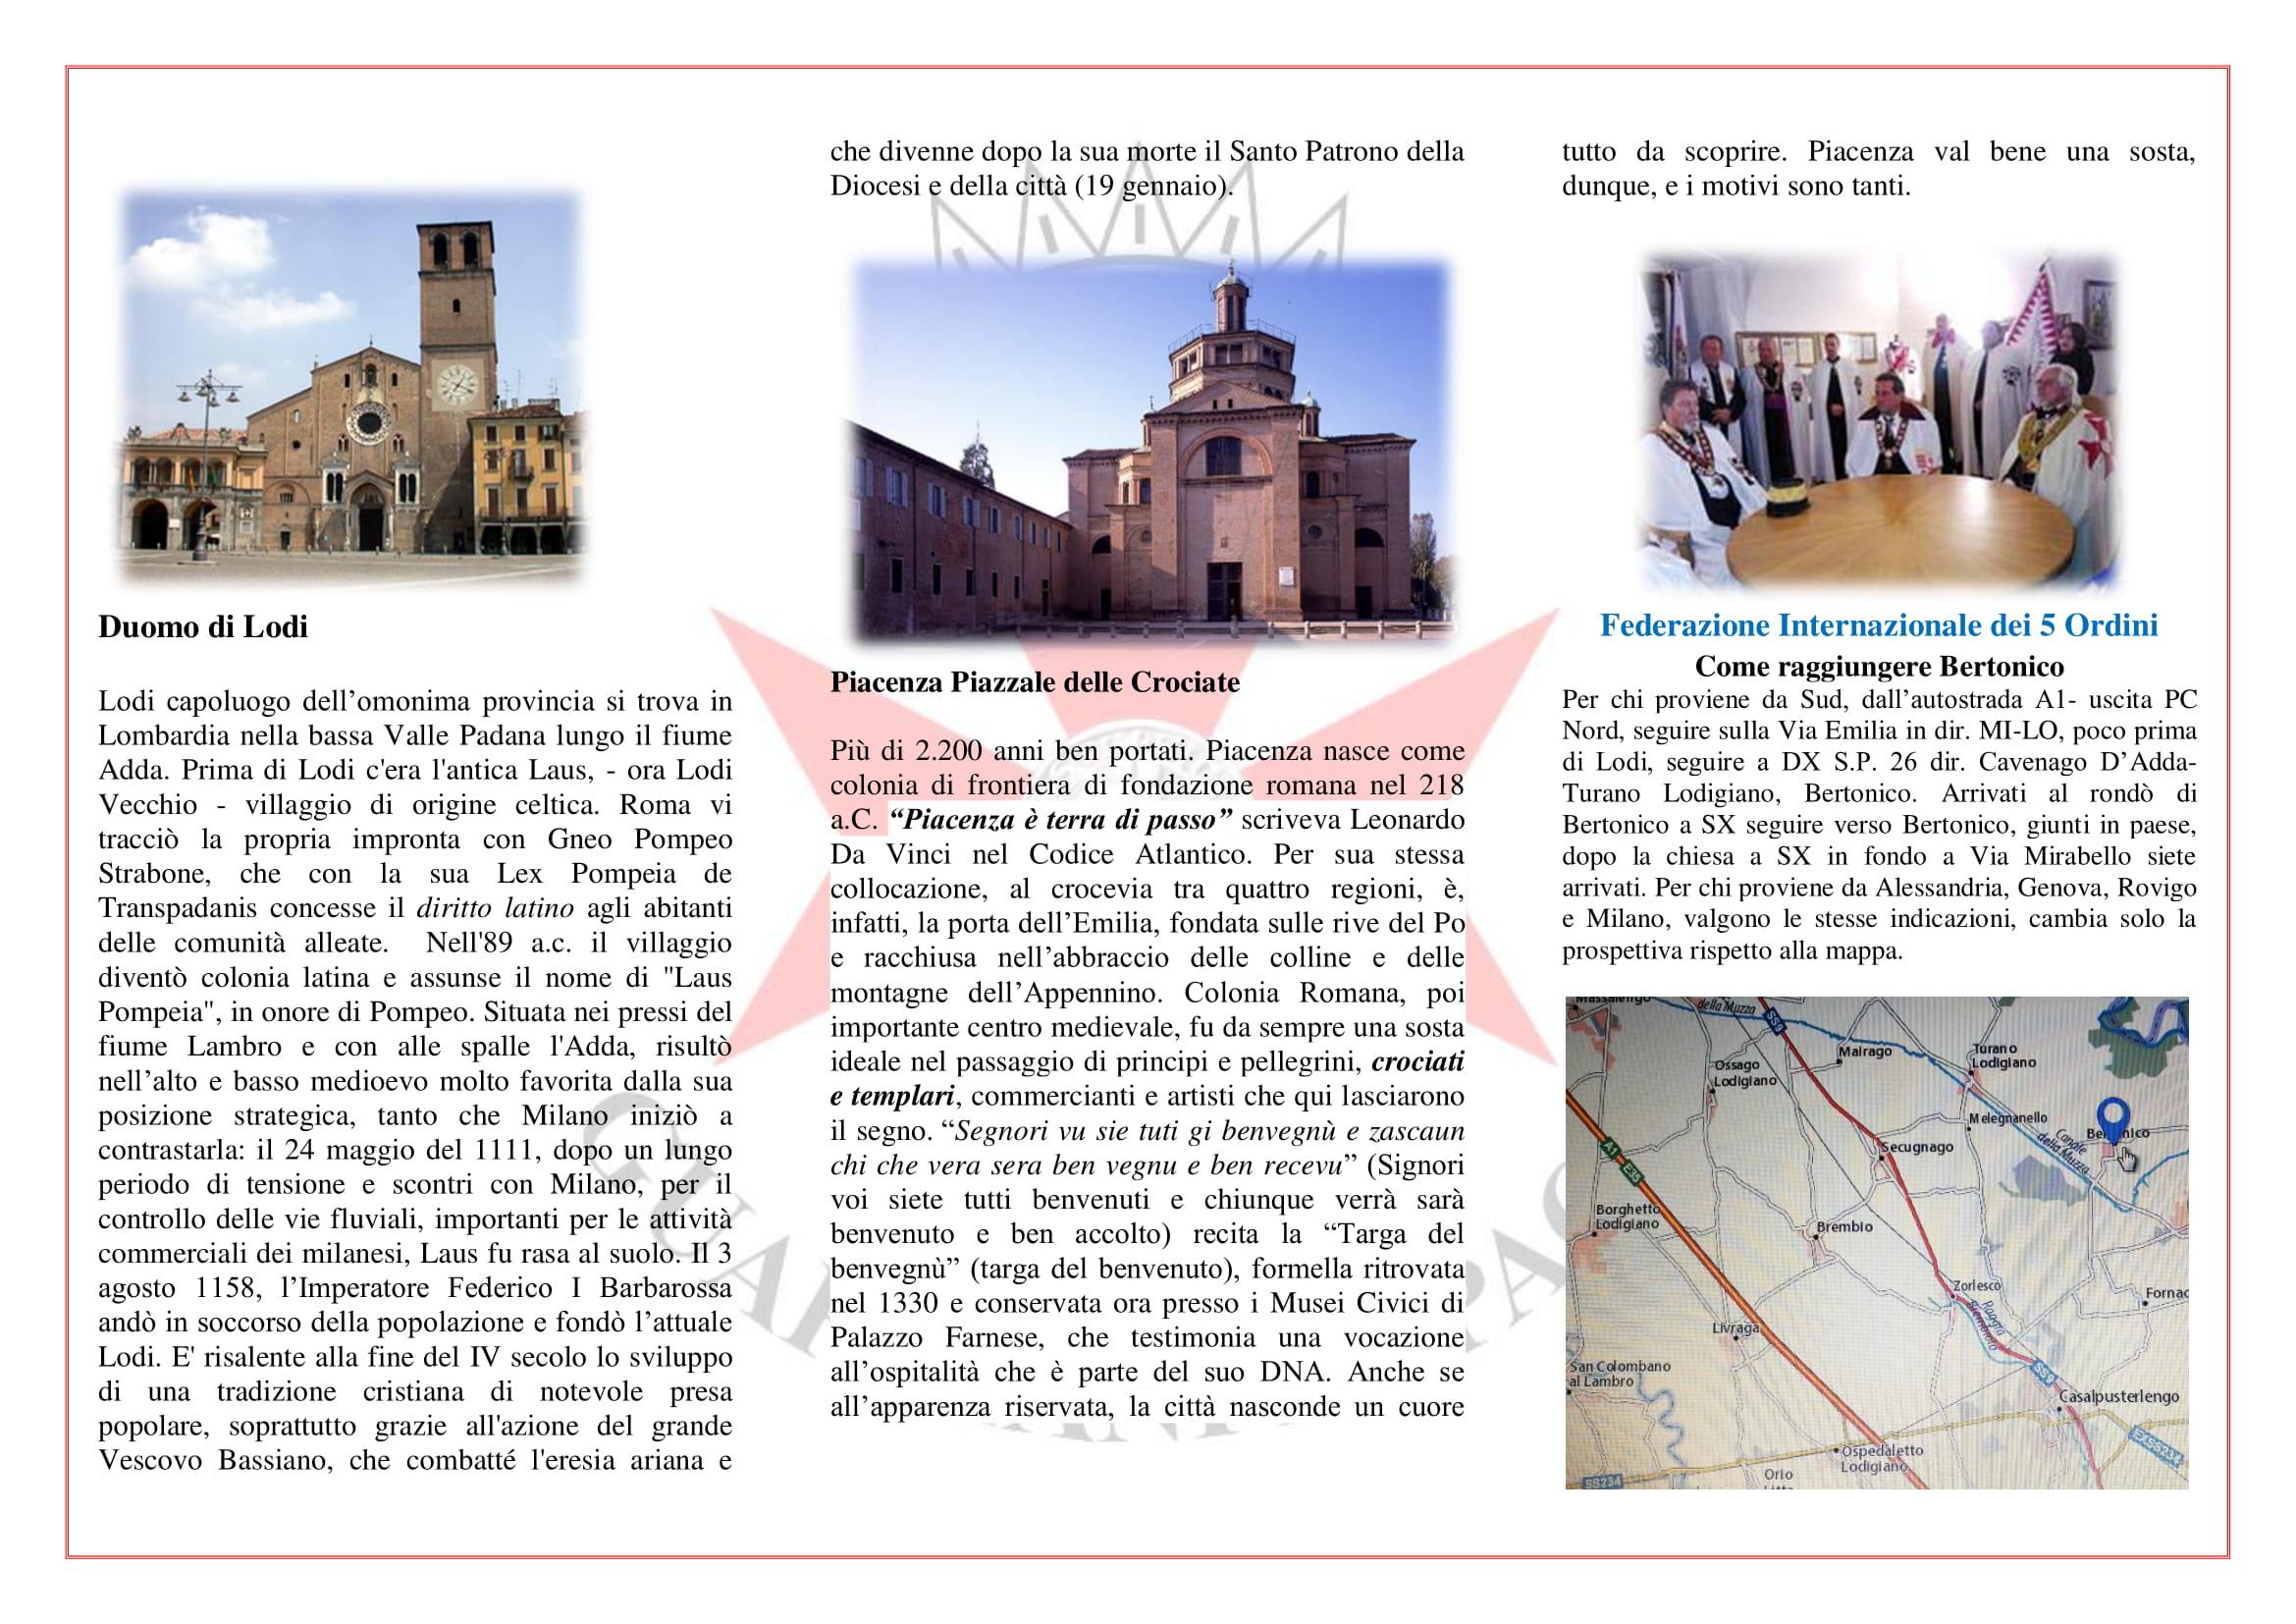 Investitura_Piacenza_032018-2